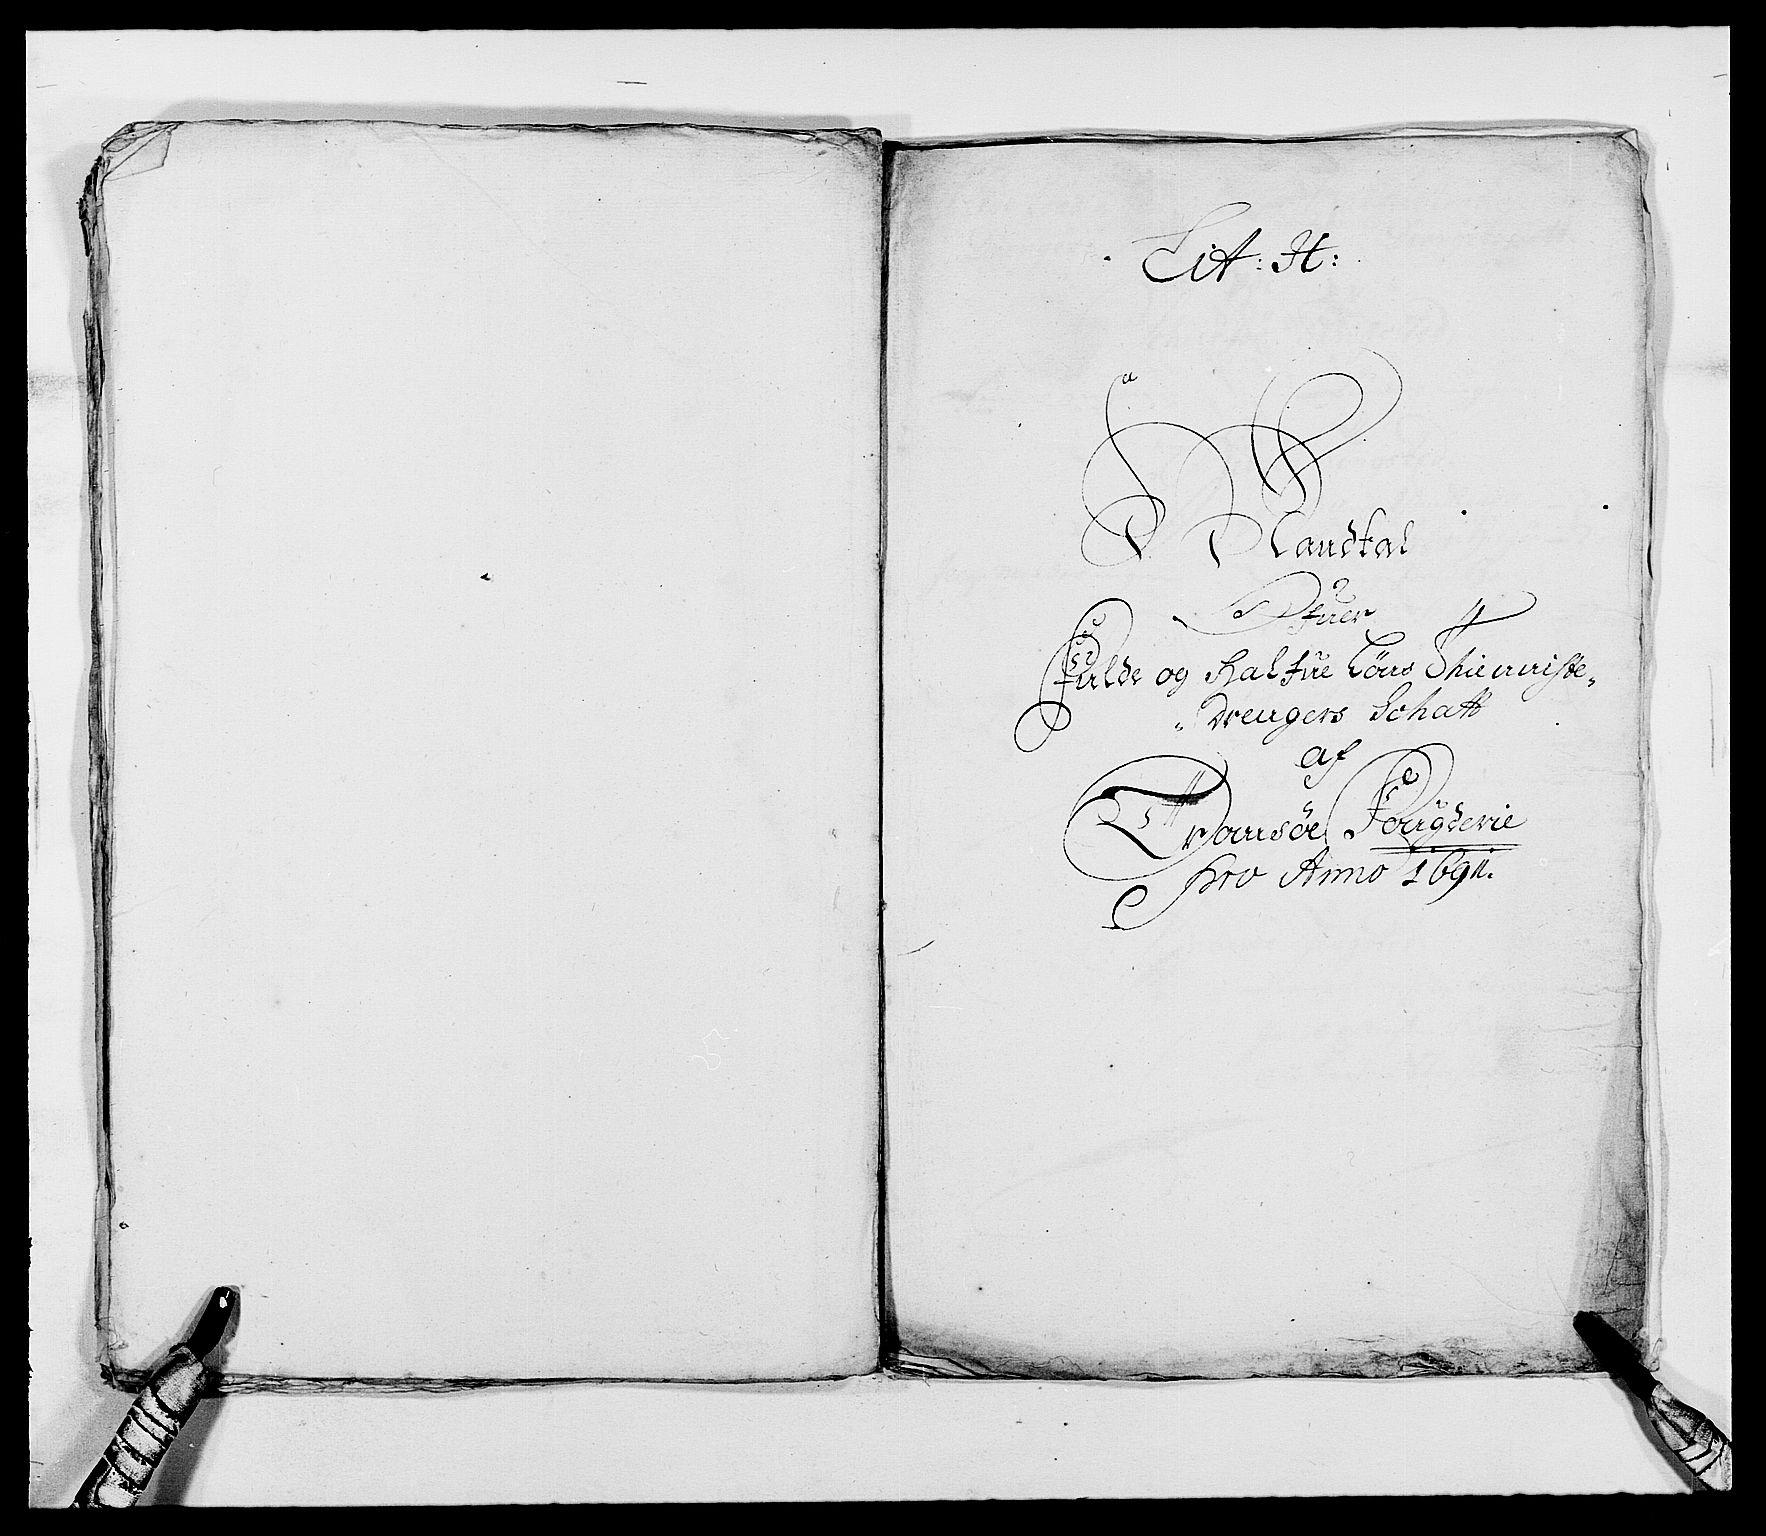 RA, Rentekammeret inntil 1814, Reviderte regnskaper, Fogderegnskap, R68/L4751: Fogderegnskap Senja og Troms, 1690-1693, s. 125